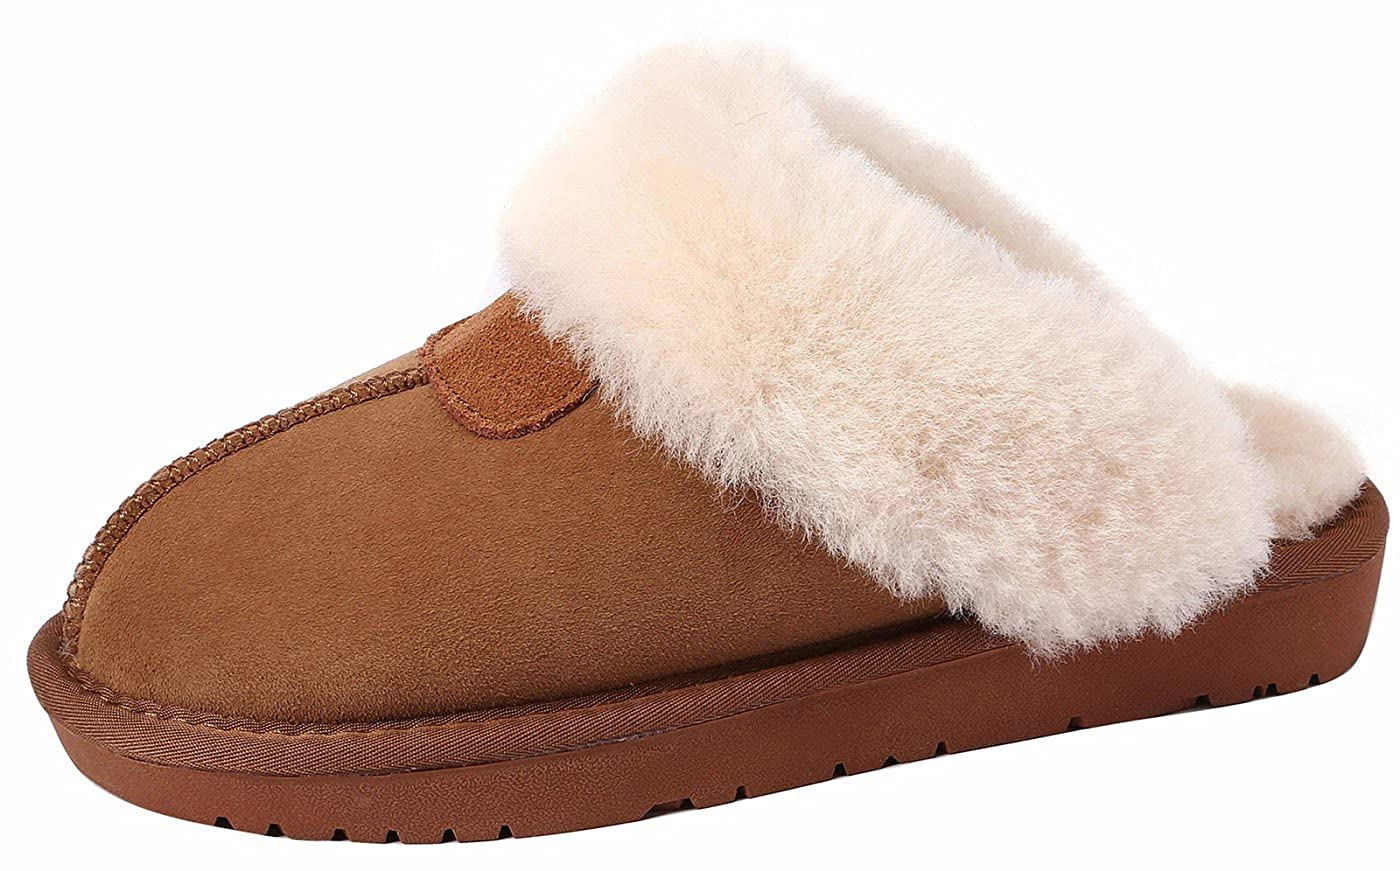 SimpleC Damen Winter Wärme Suede Shearling Leicht Hausschuhe Weicher Plüsch Flip Flops/Mules Slippers Pantoffeln Kastanie ( Chestnut Rindsleder Suede)